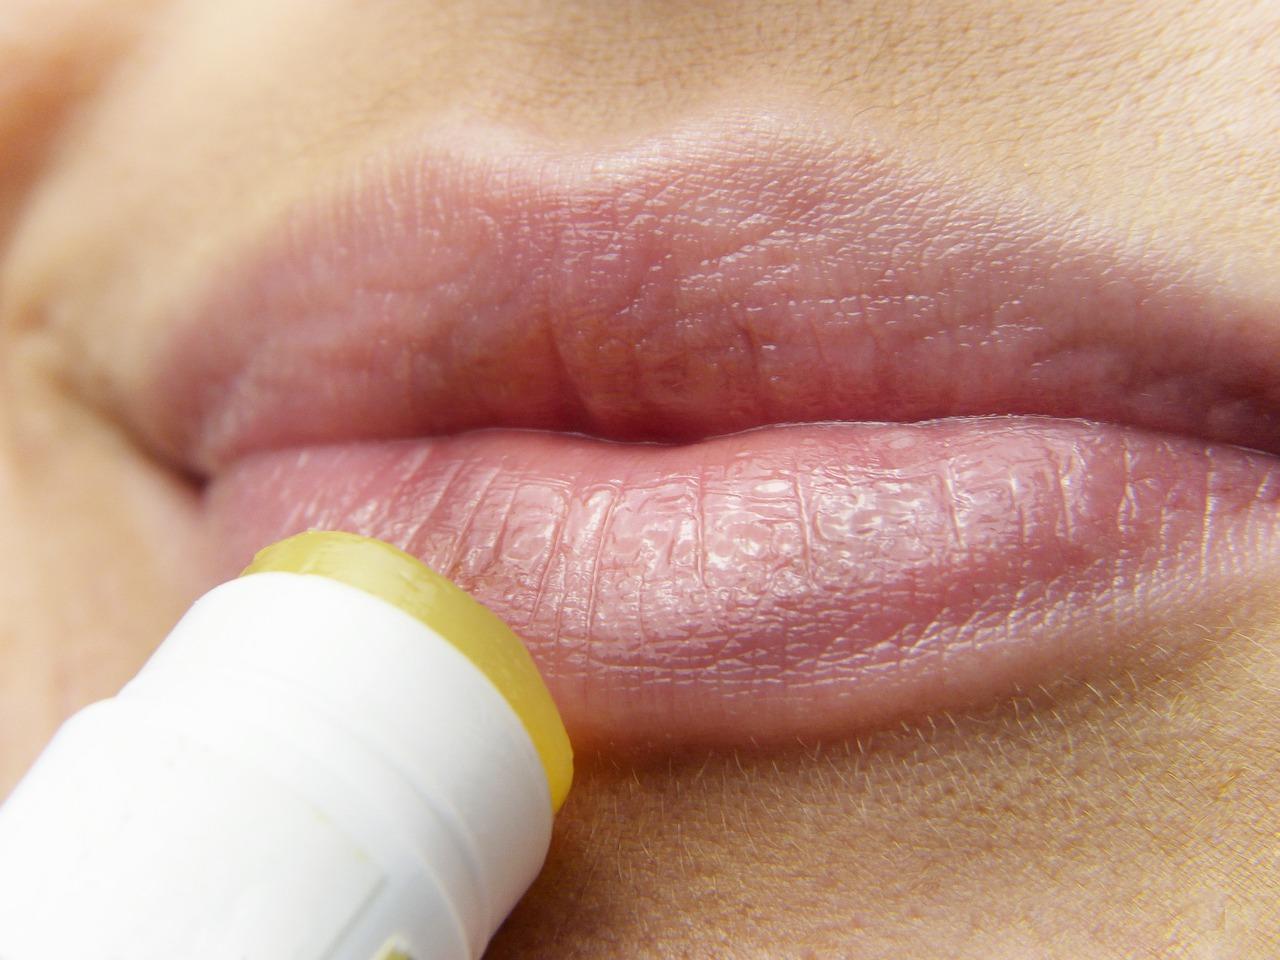 L'herpès labial, causes et conseils pour l'éviter 1